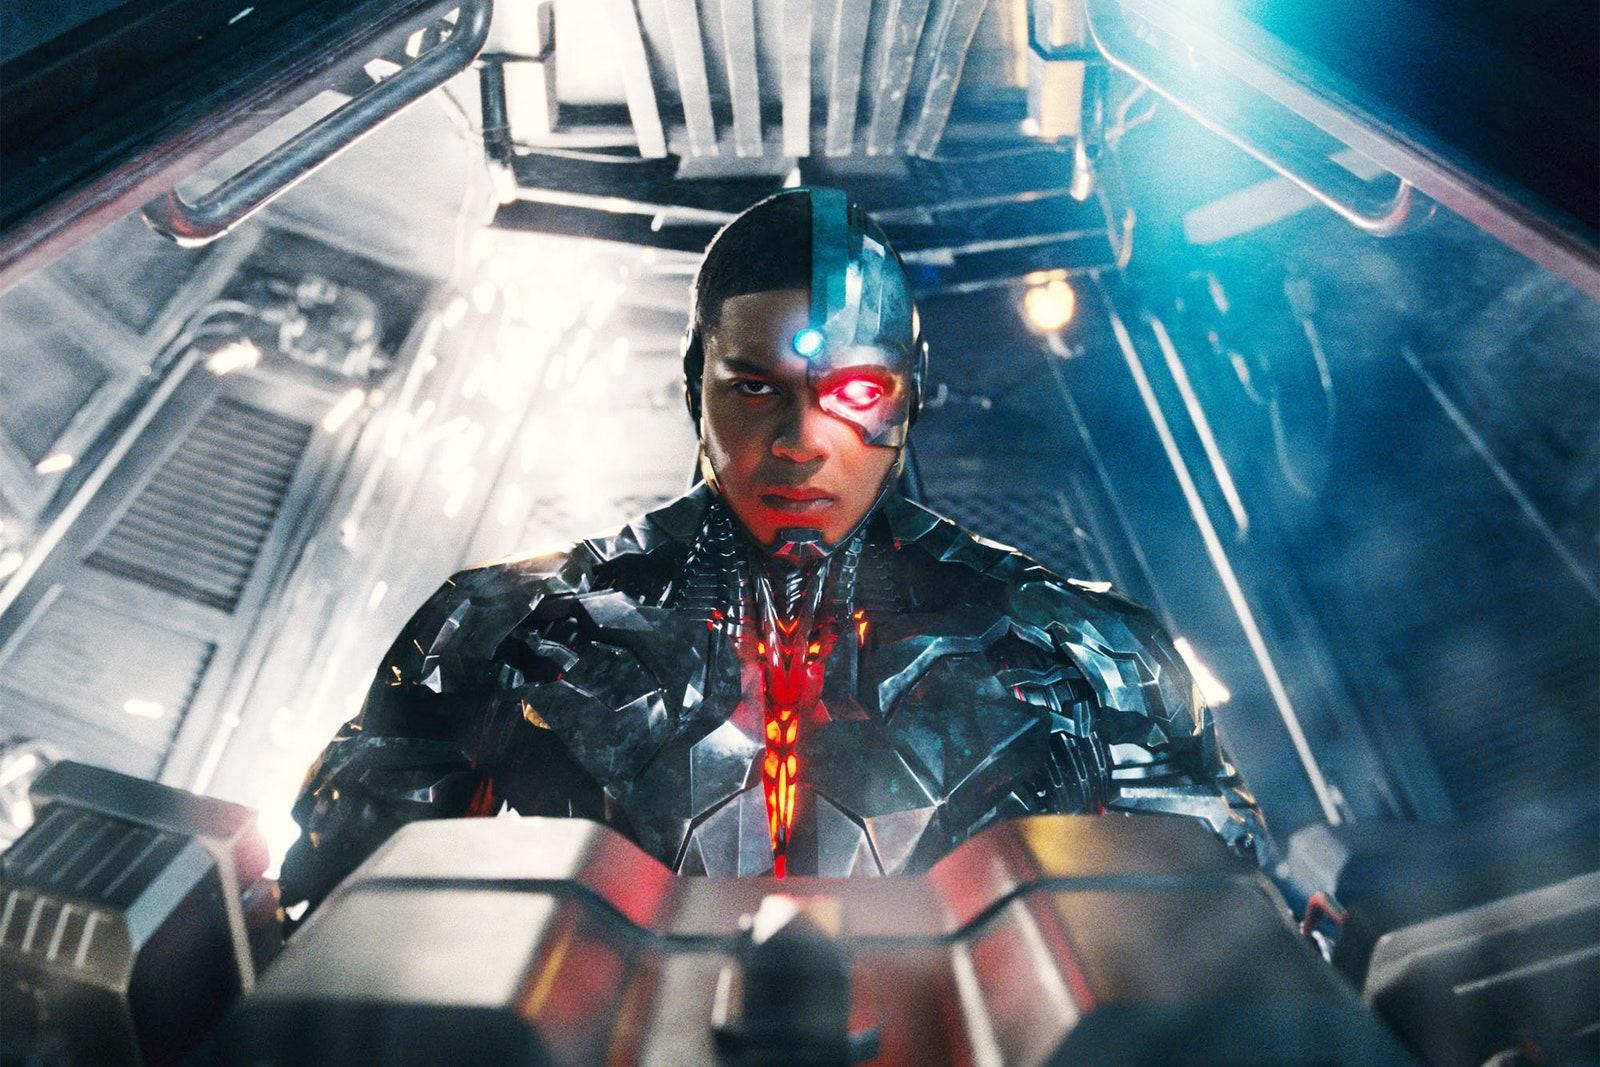 Liga da Justiça de 2017 foi um vandalismo com Zack Snyder, diz roteirista do Snyder Cut